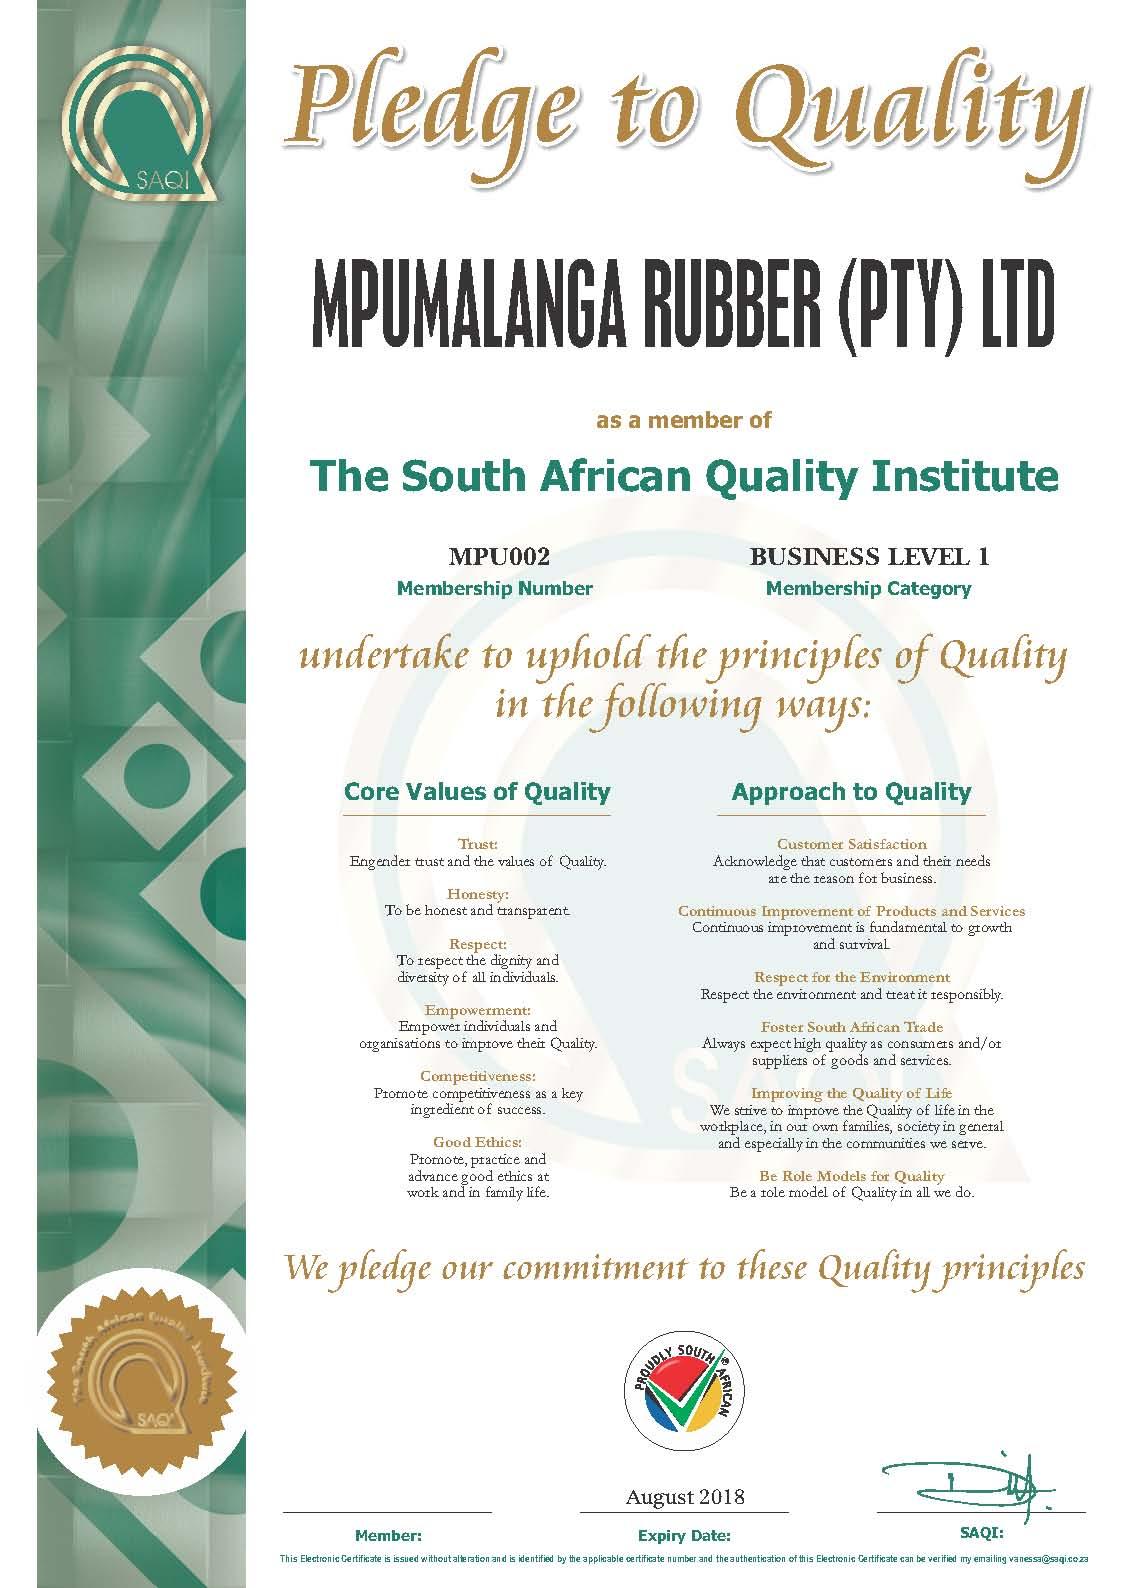 Mpumalanga Rubber - SAQI Member Certificate